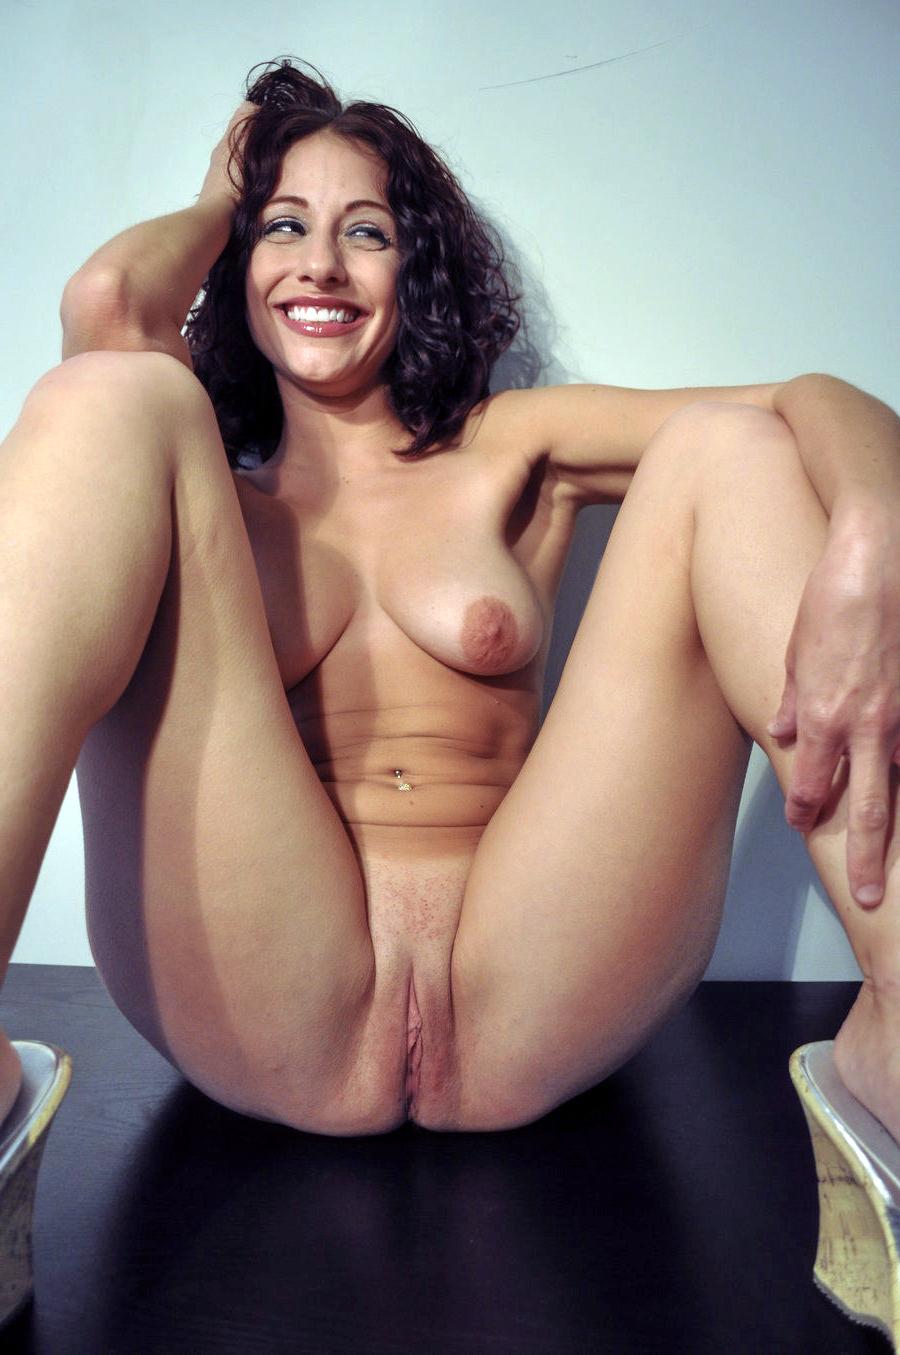 Eroticpics Sexy Naked